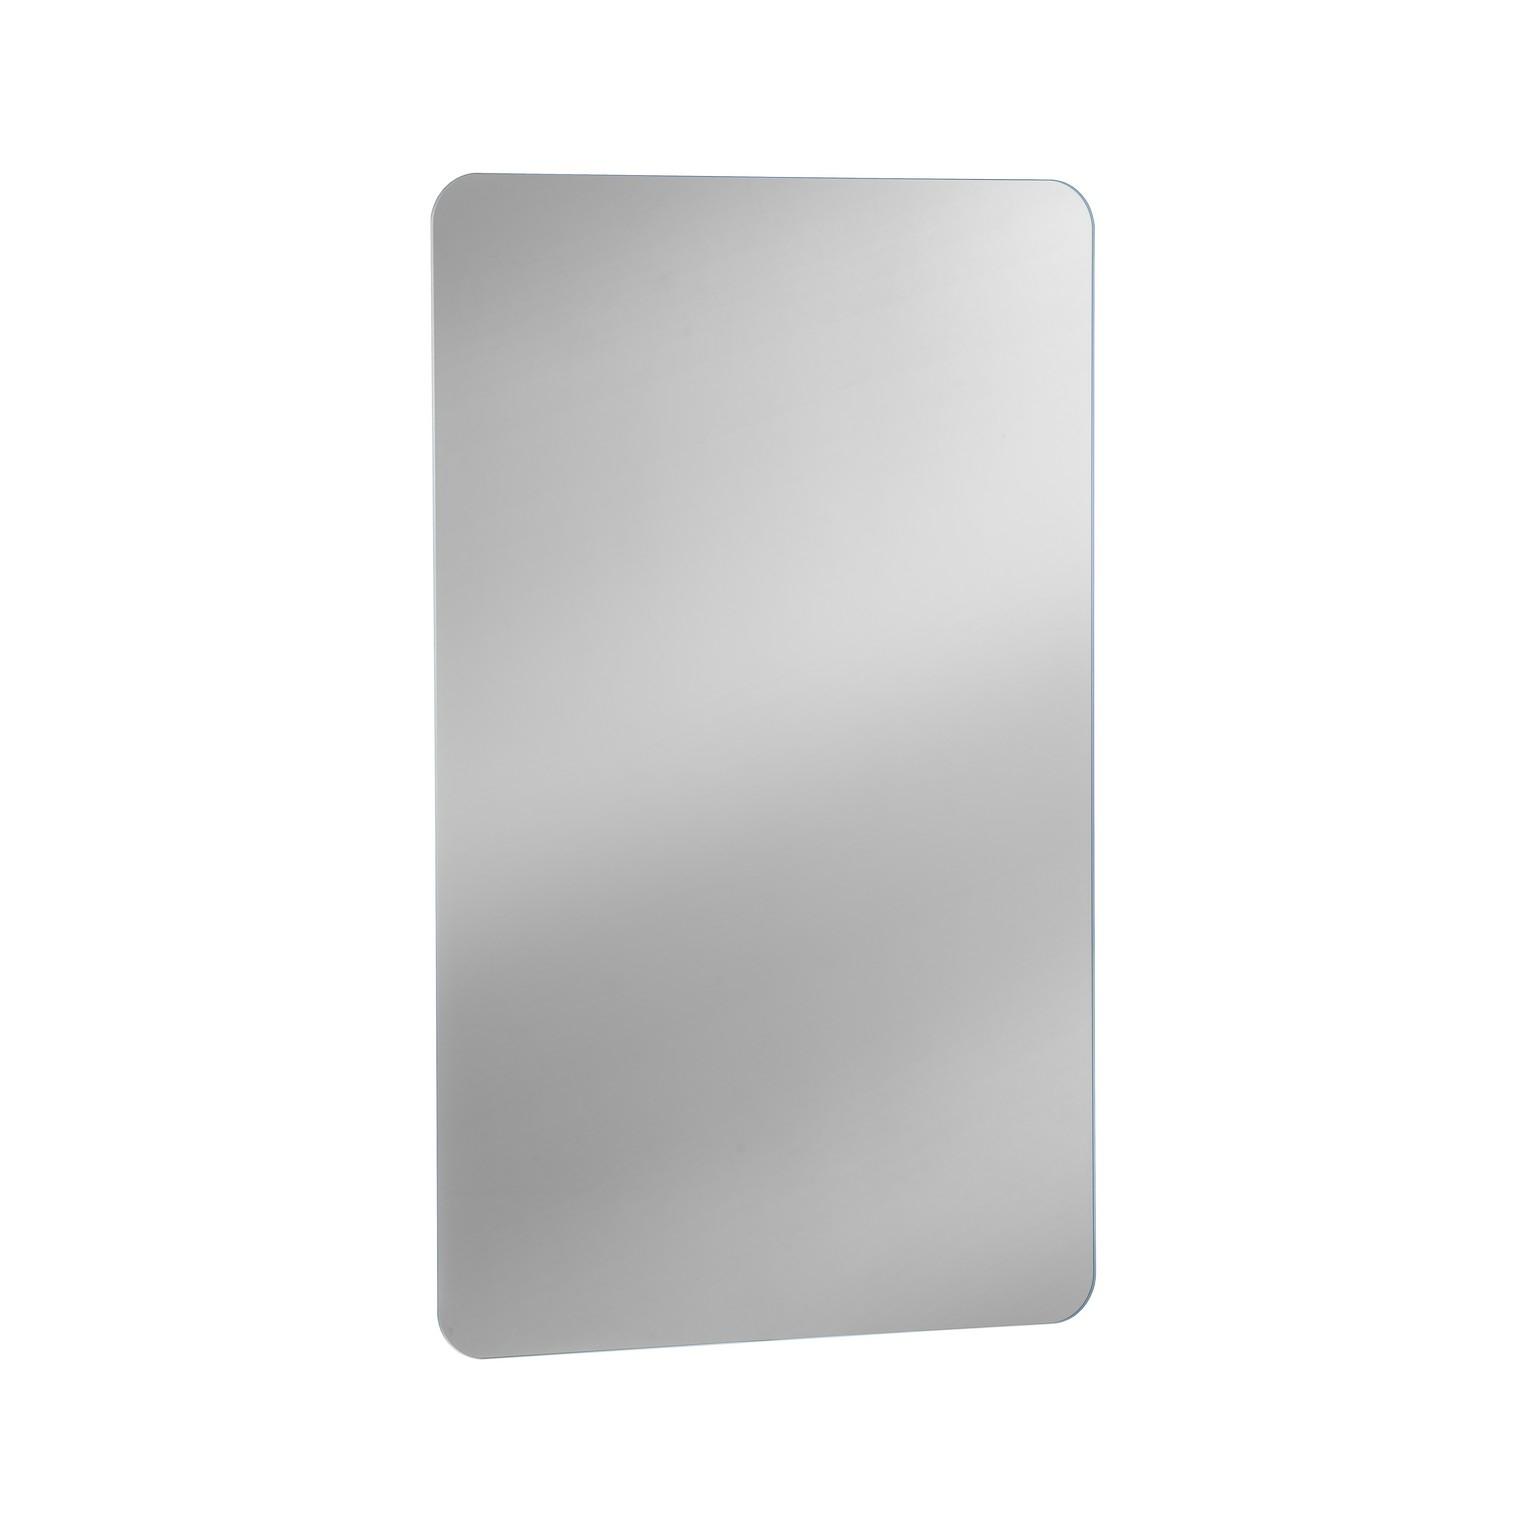 Oglinda pentru baie cu Led, L80xl50 cm, Stella poza